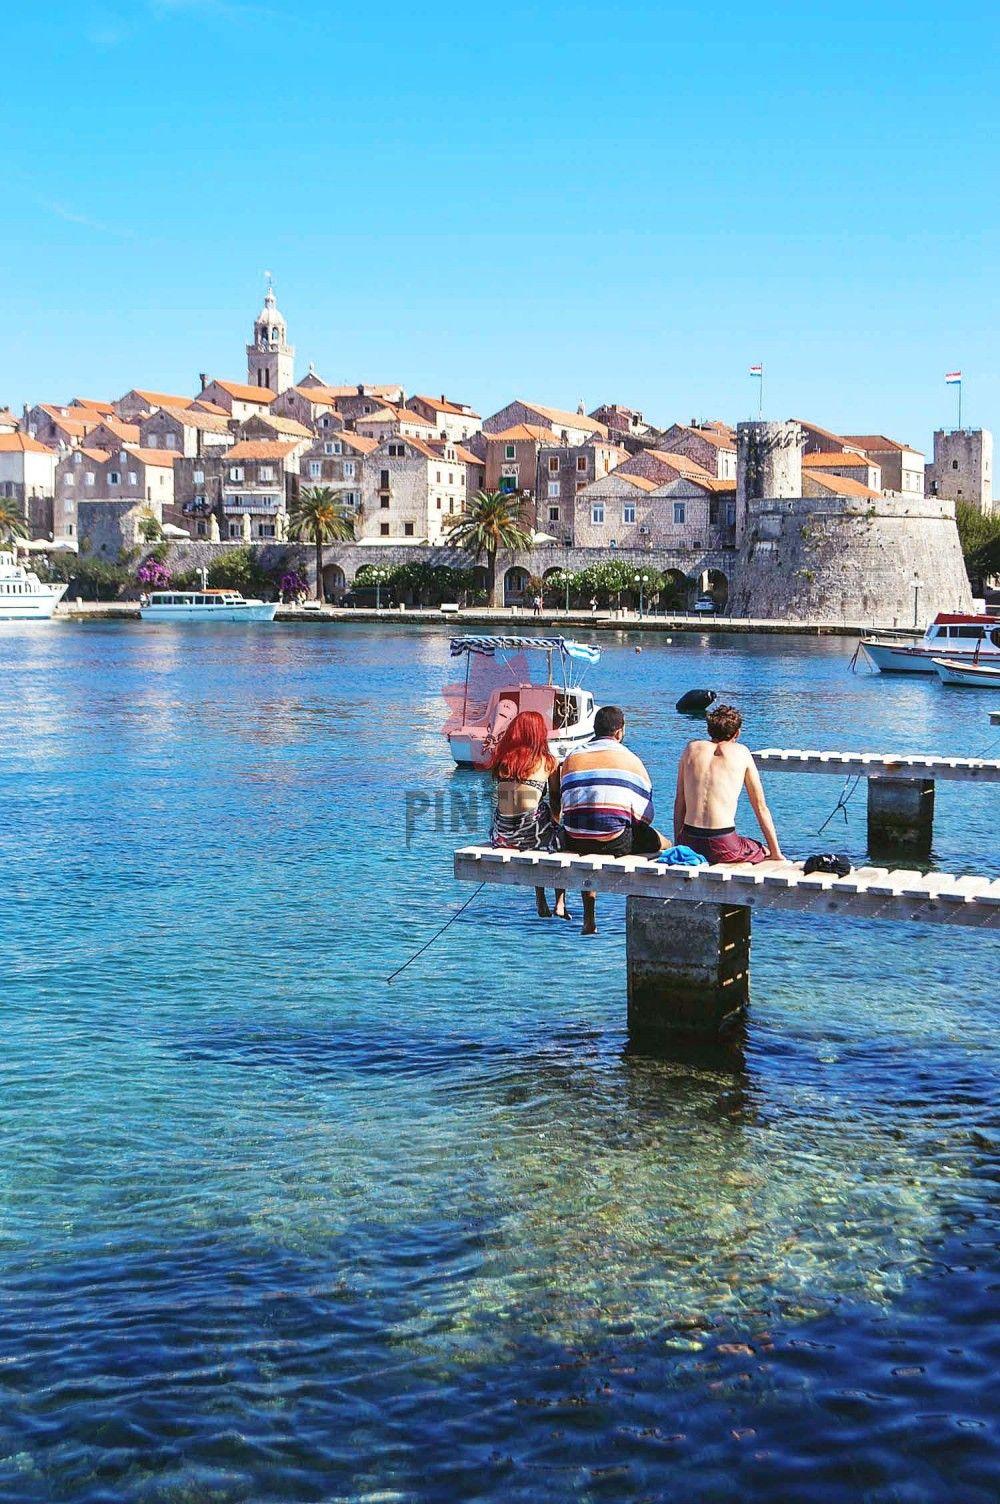 Kroatien Ein Besuch Im Wunderschonen Insel Korcula Heneedsfood Der Schone Hafen Von Korcula Kroatien Heneedsfood Com En 2020 Croacia Ciudades Lugares Del Mundo